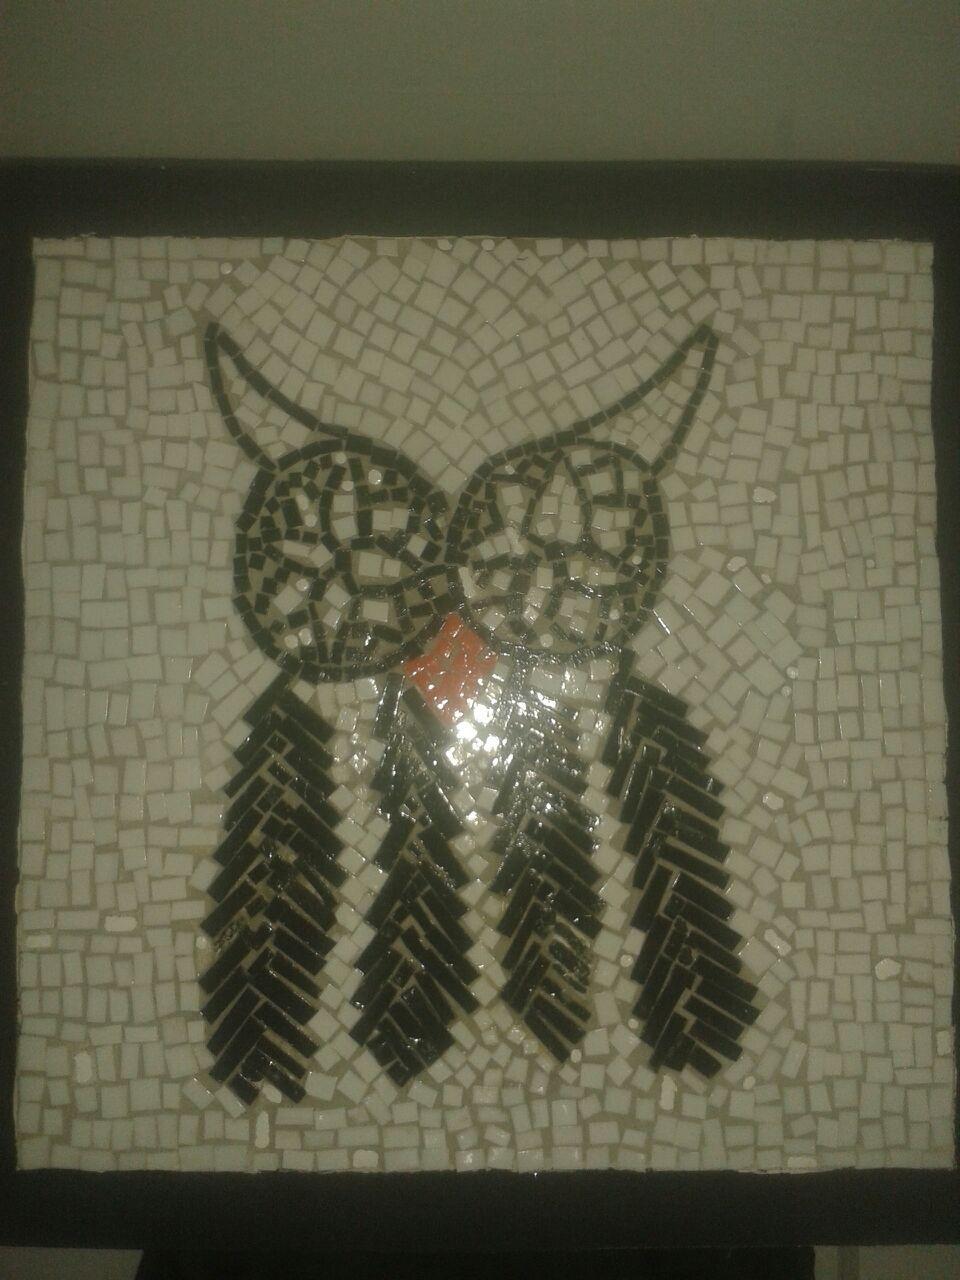 caixa em mdf com aplicação de mosaico feito com material reciclável na tampa